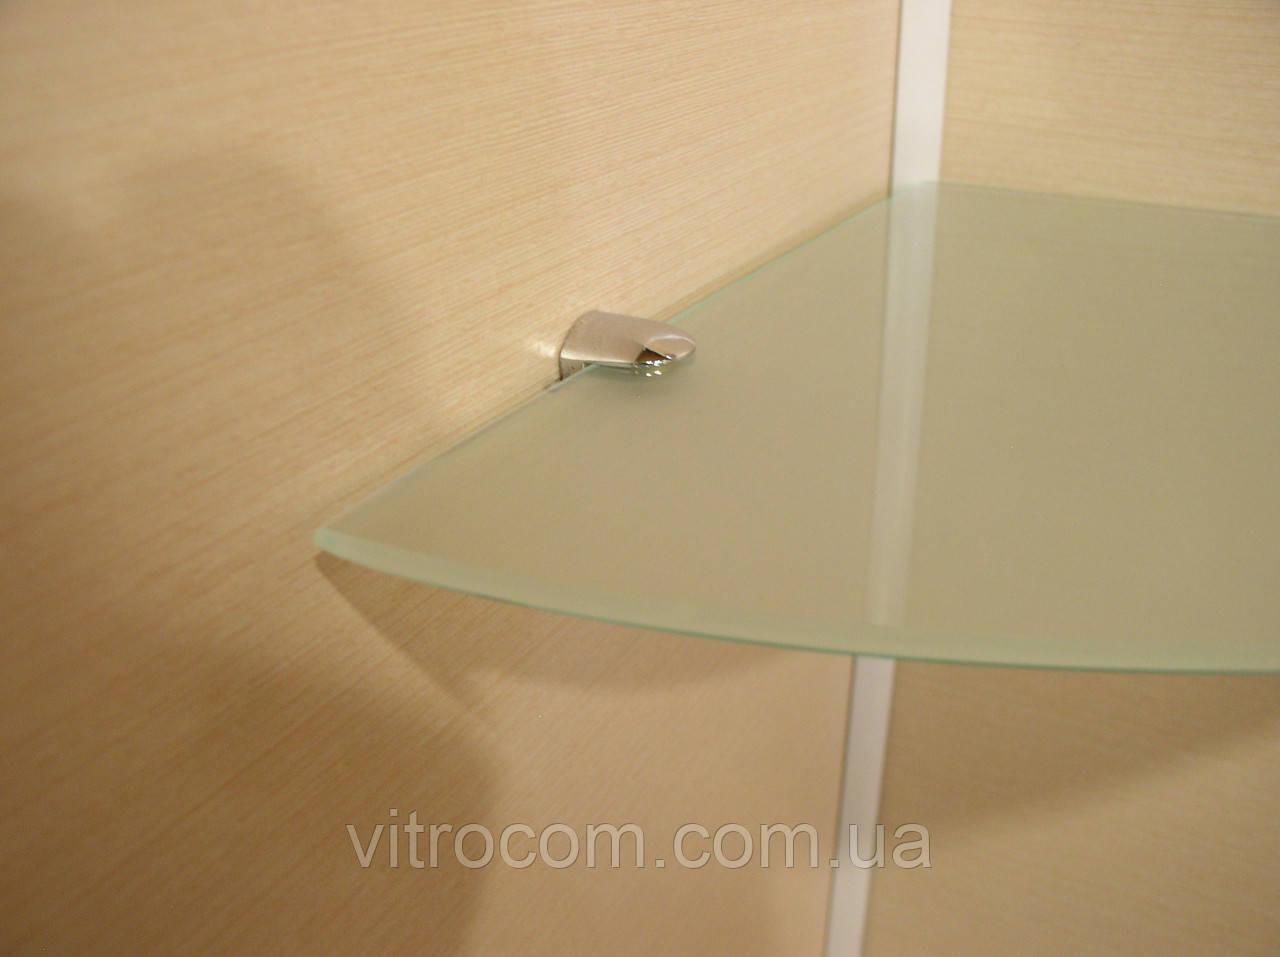 Полка стеклянная угловая 4 мм матовая 25 х 25 см